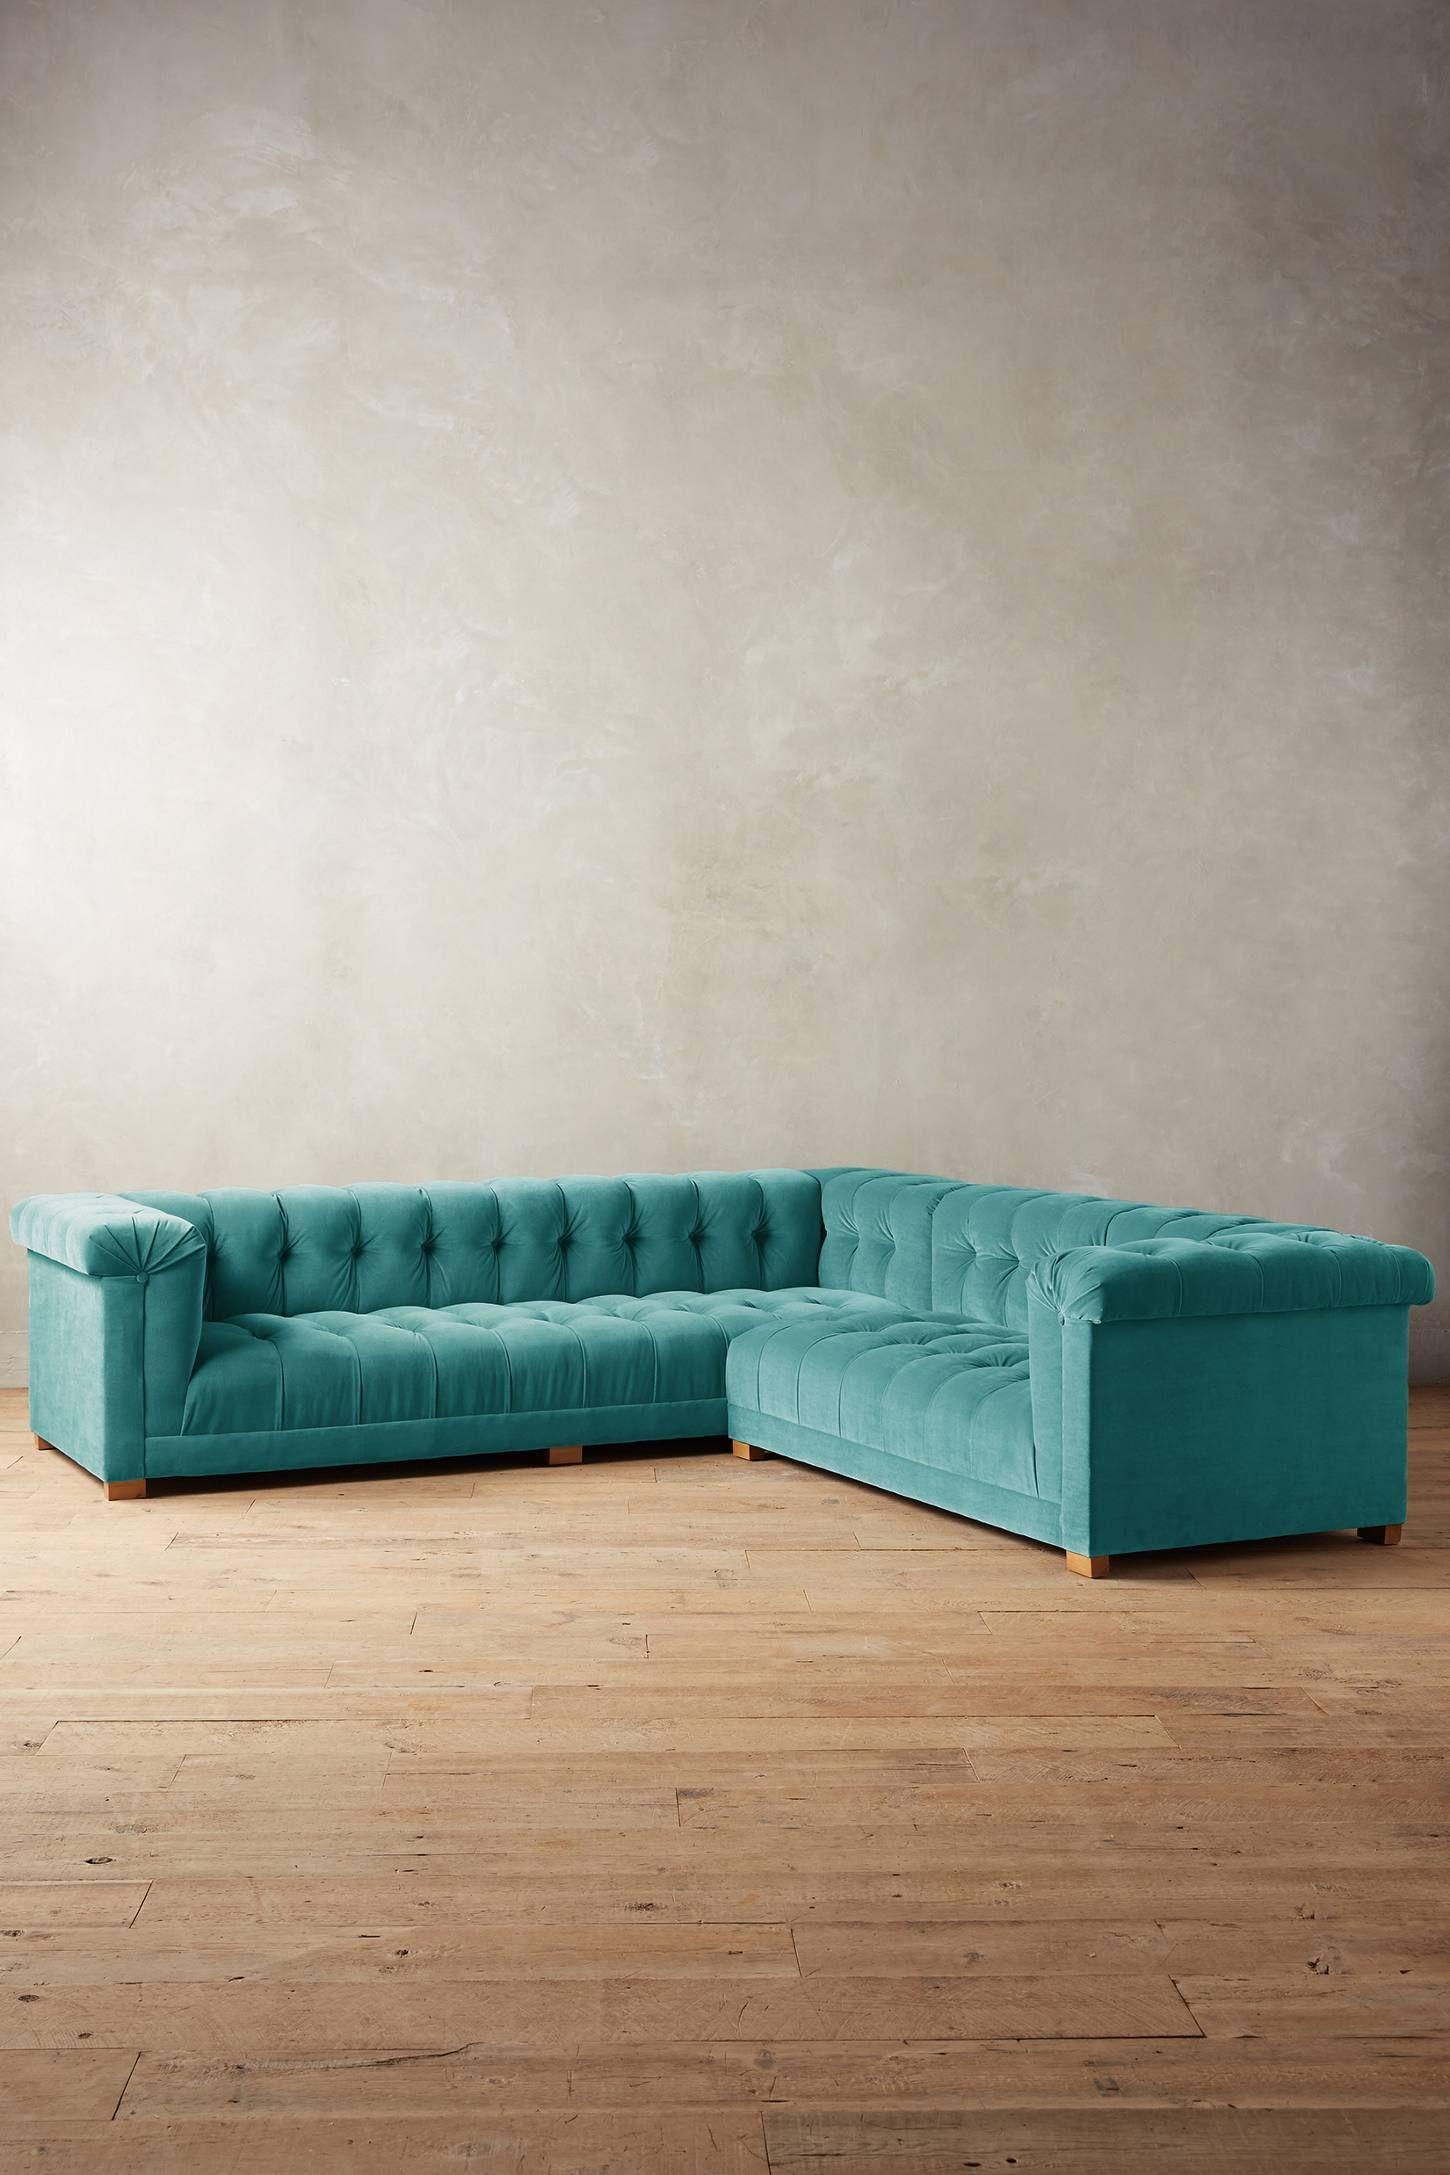 Velvet Kettleby Right Sectional Home, Furniture, Home